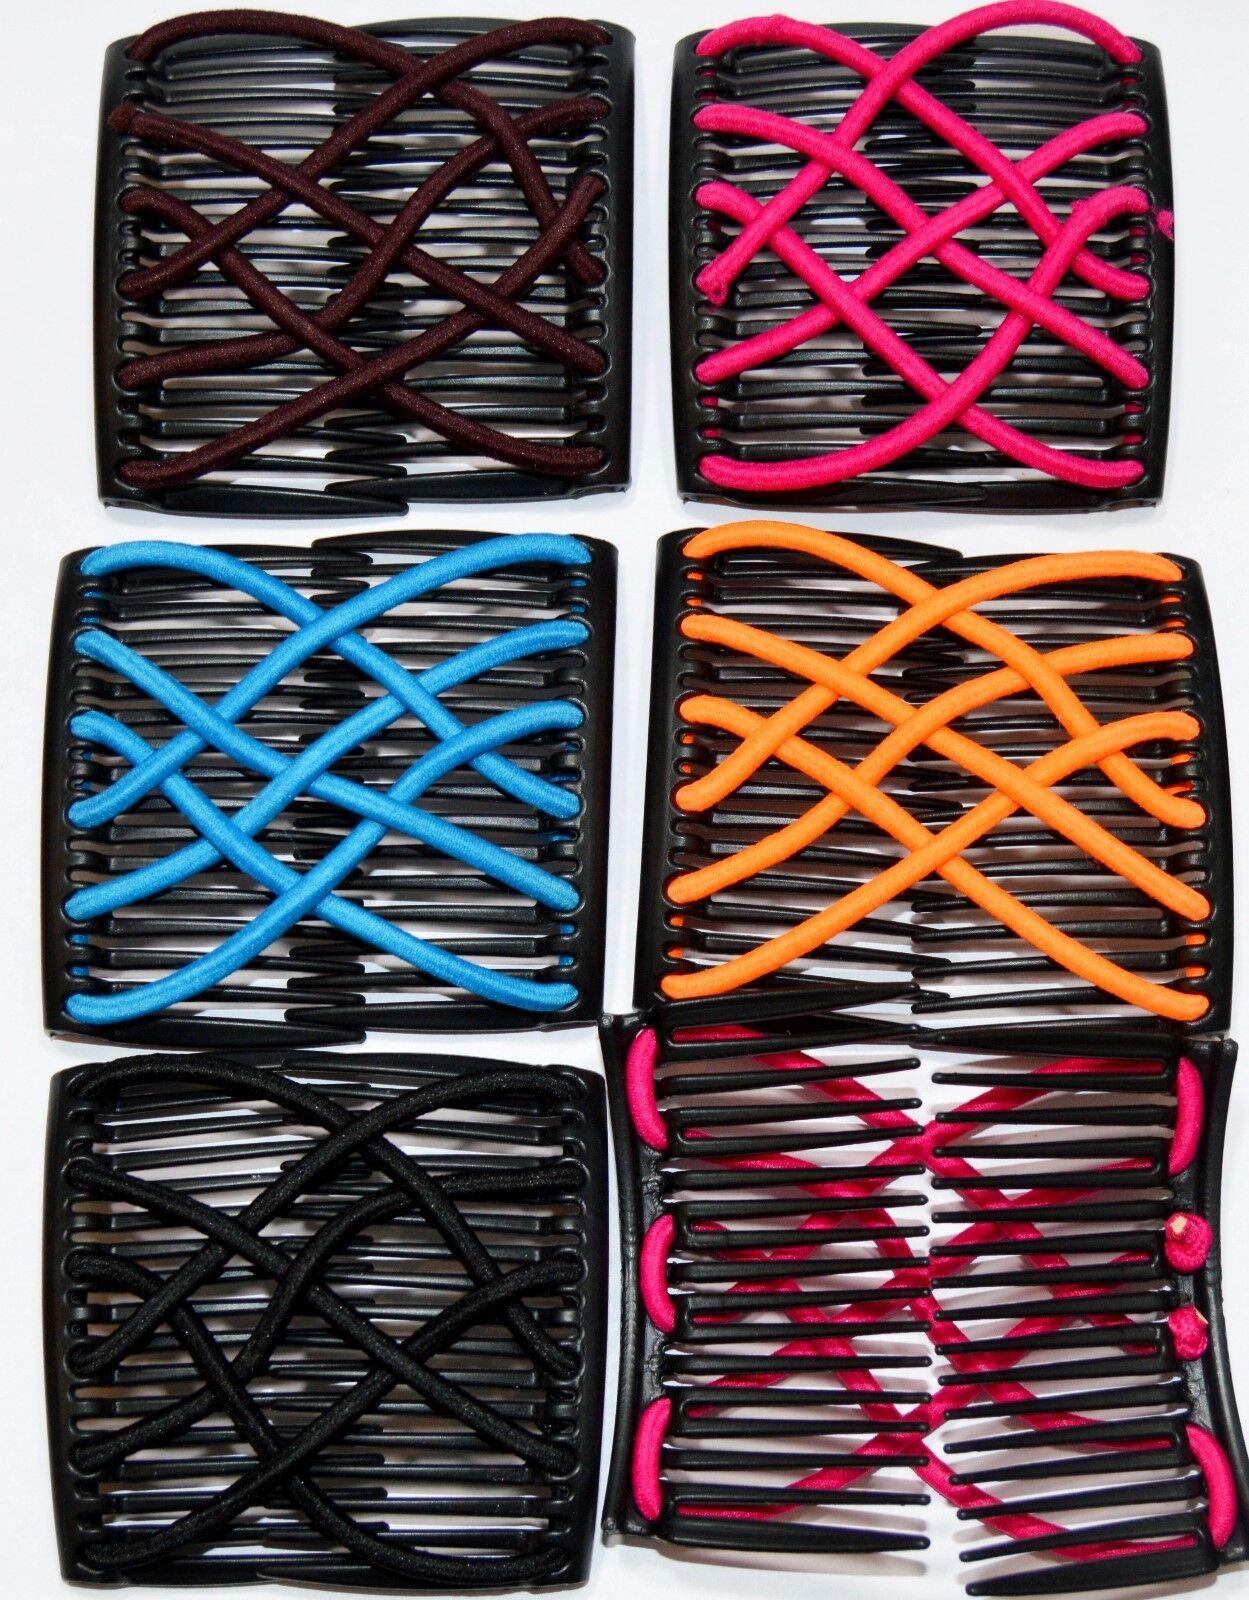 Trend African Hairclip XL Haarklammer Haarspange Haarkamm Elastich Comb 7 Farben